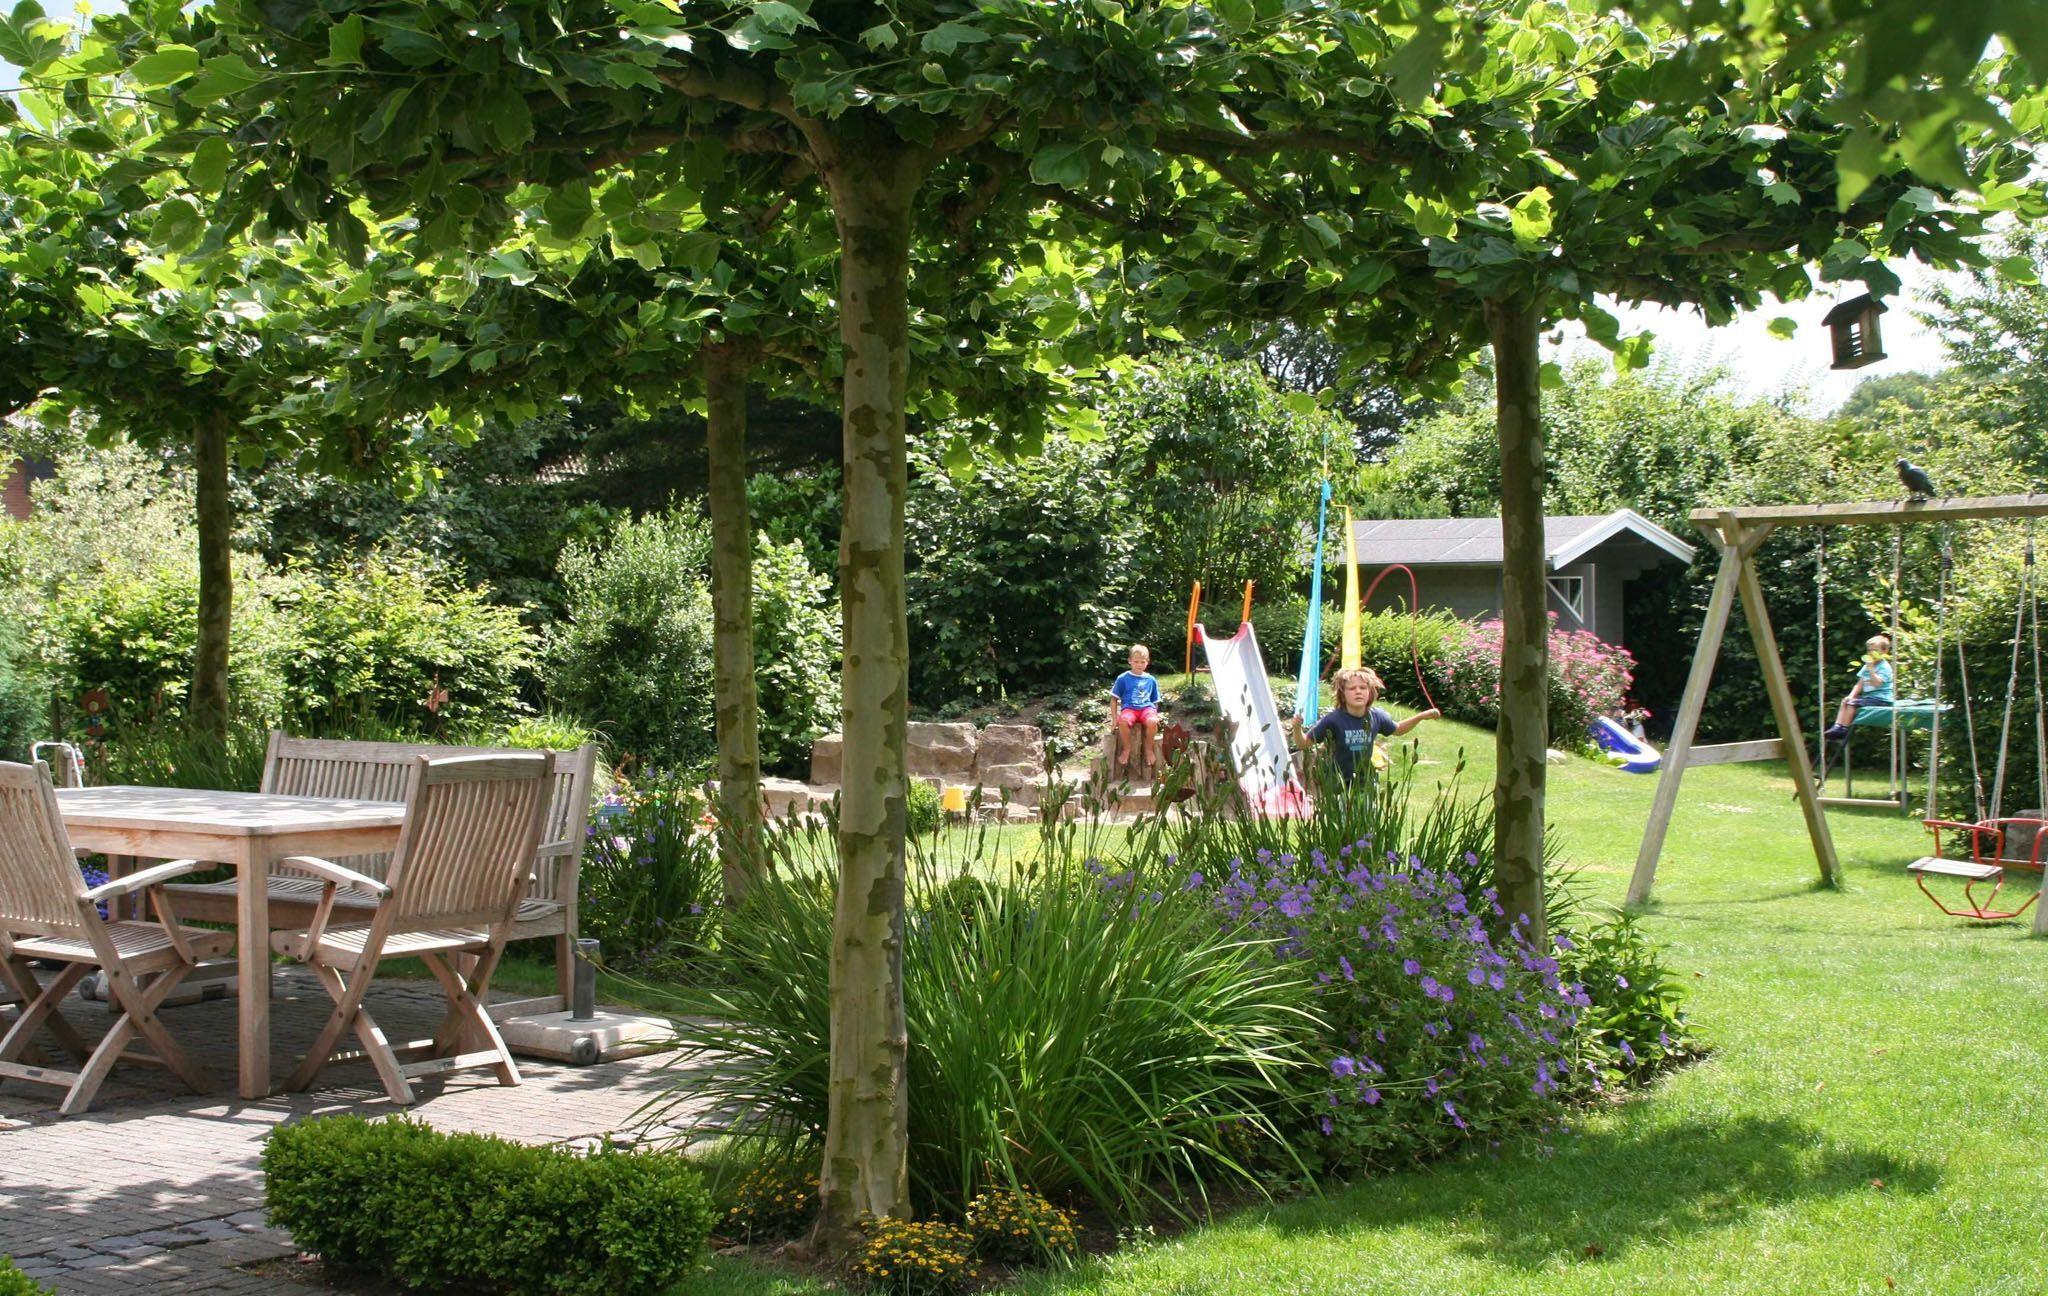 In Diesem Garten Wurden Mehrere Spielbereiche Anlegt Tuin Ideeen Tuin Tuinsoorten